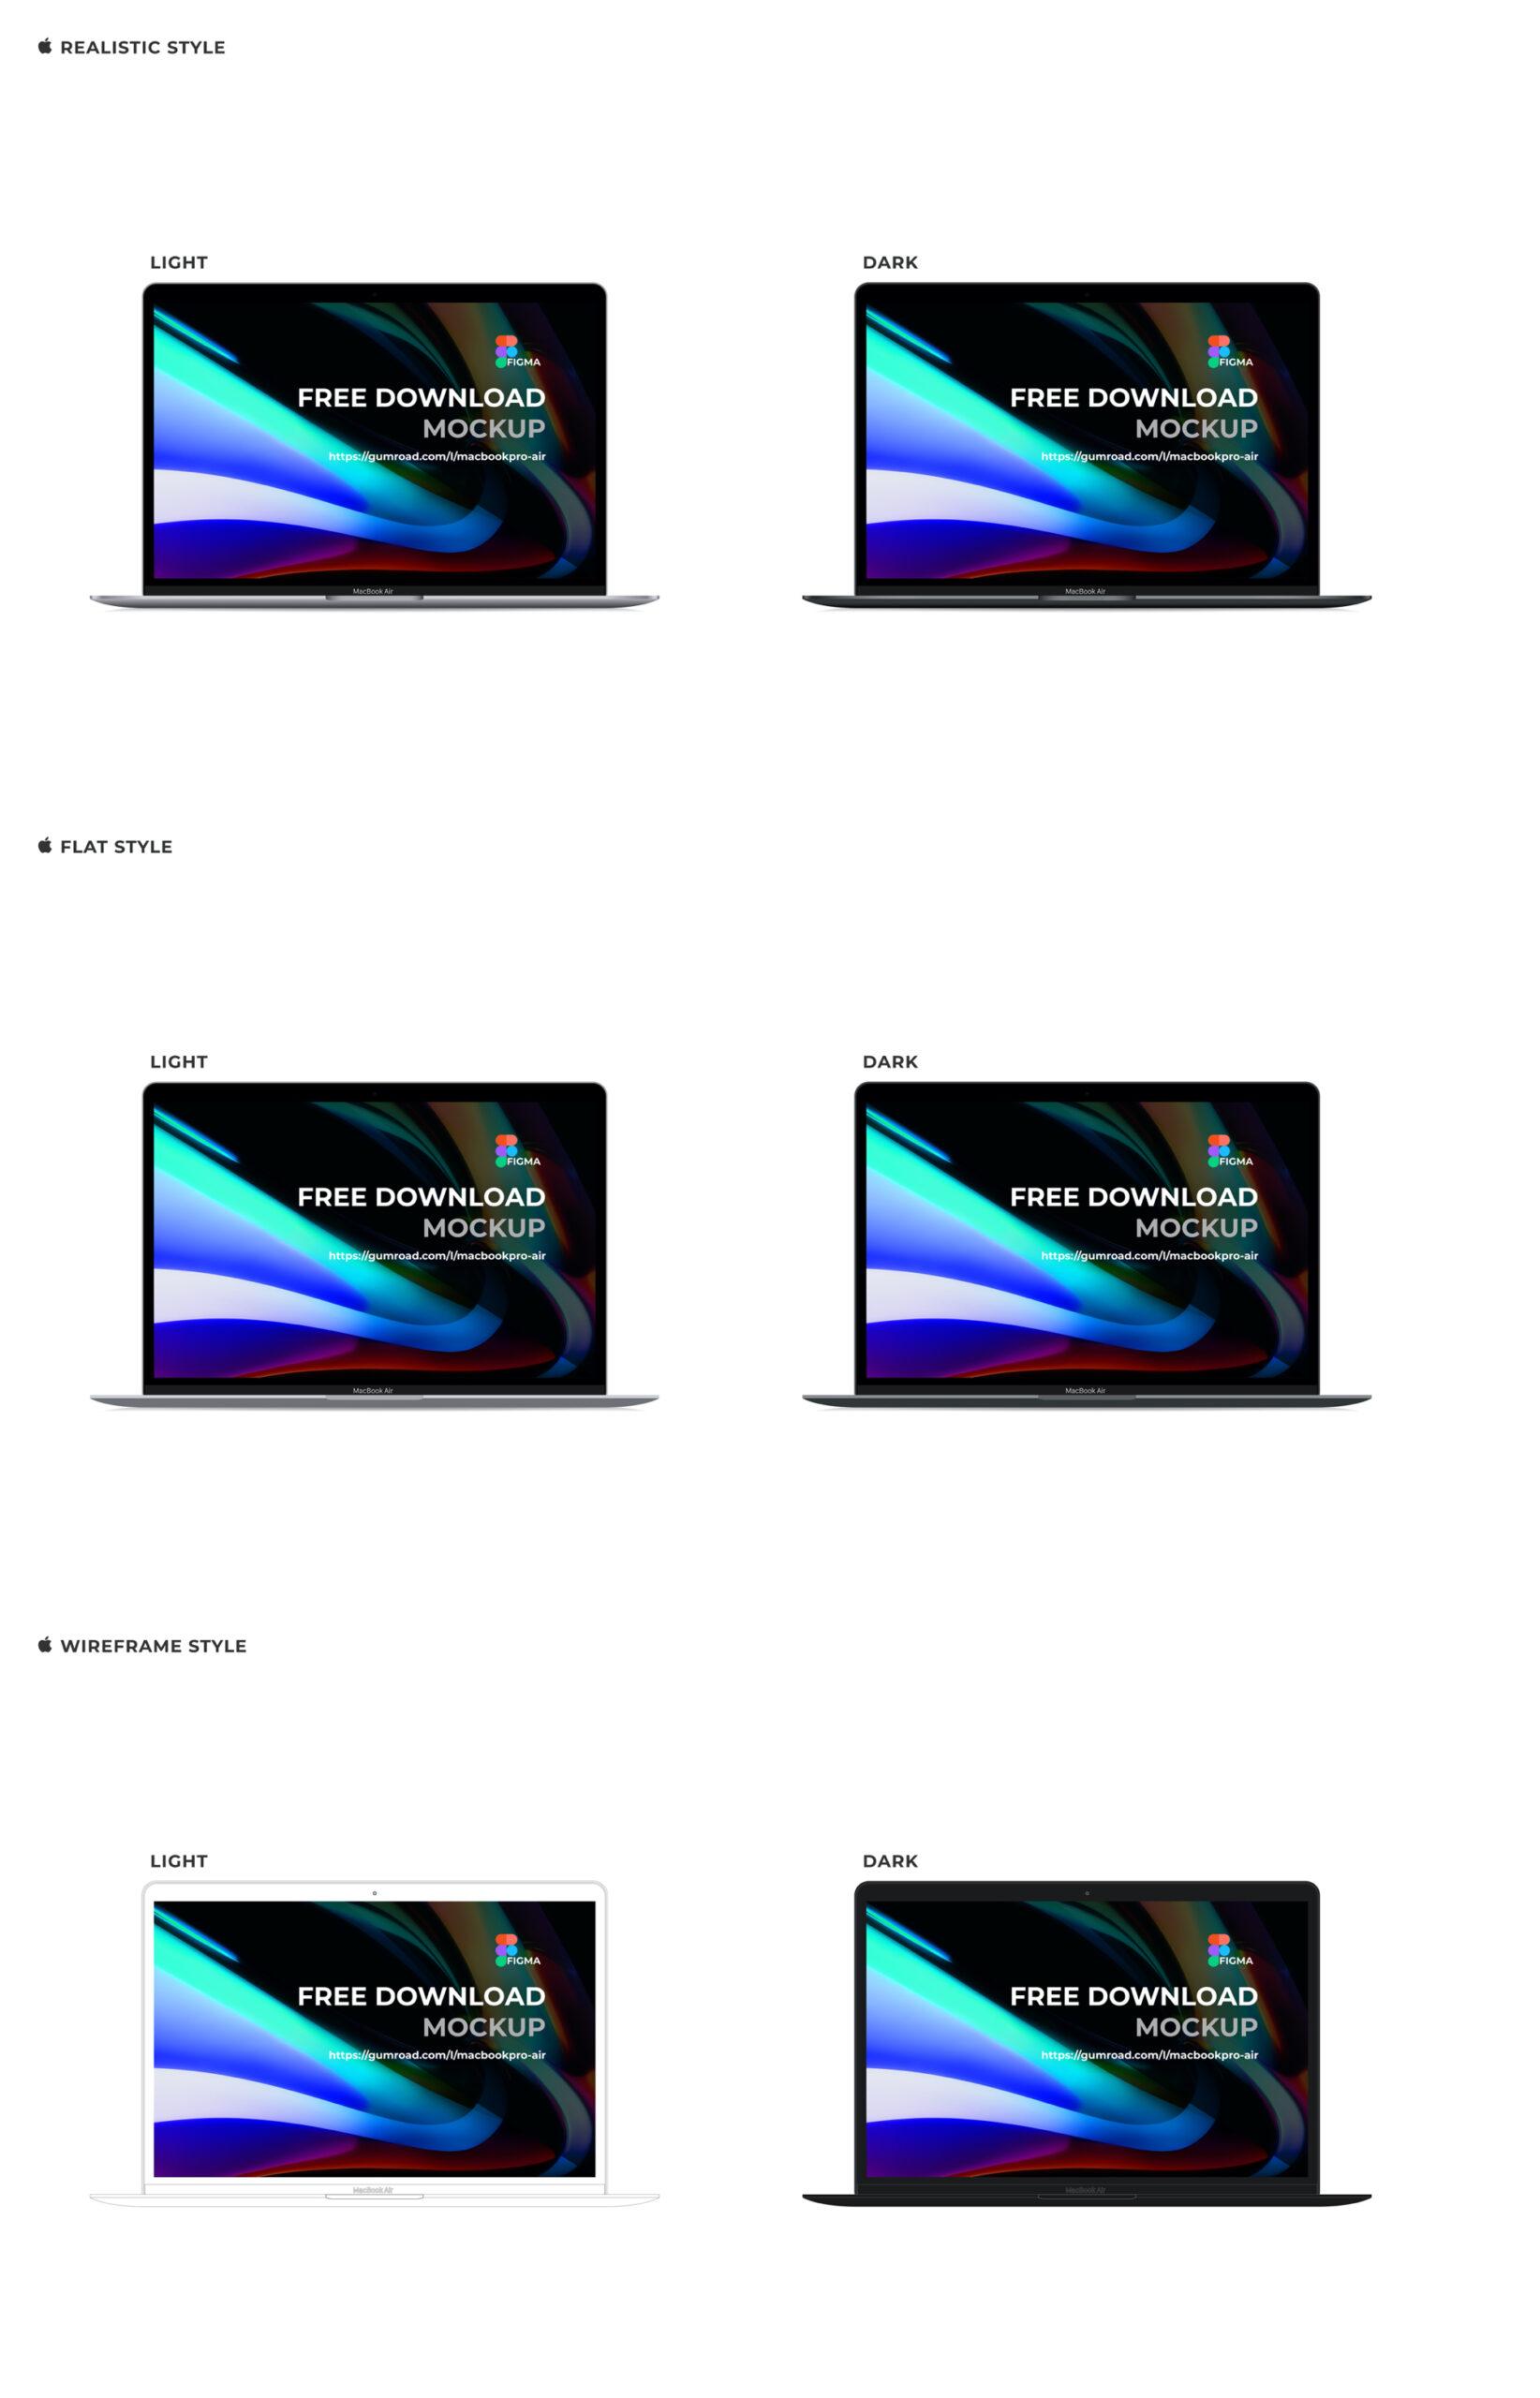 苹果笔记本电脑MacBook Pro&Air样机插图2